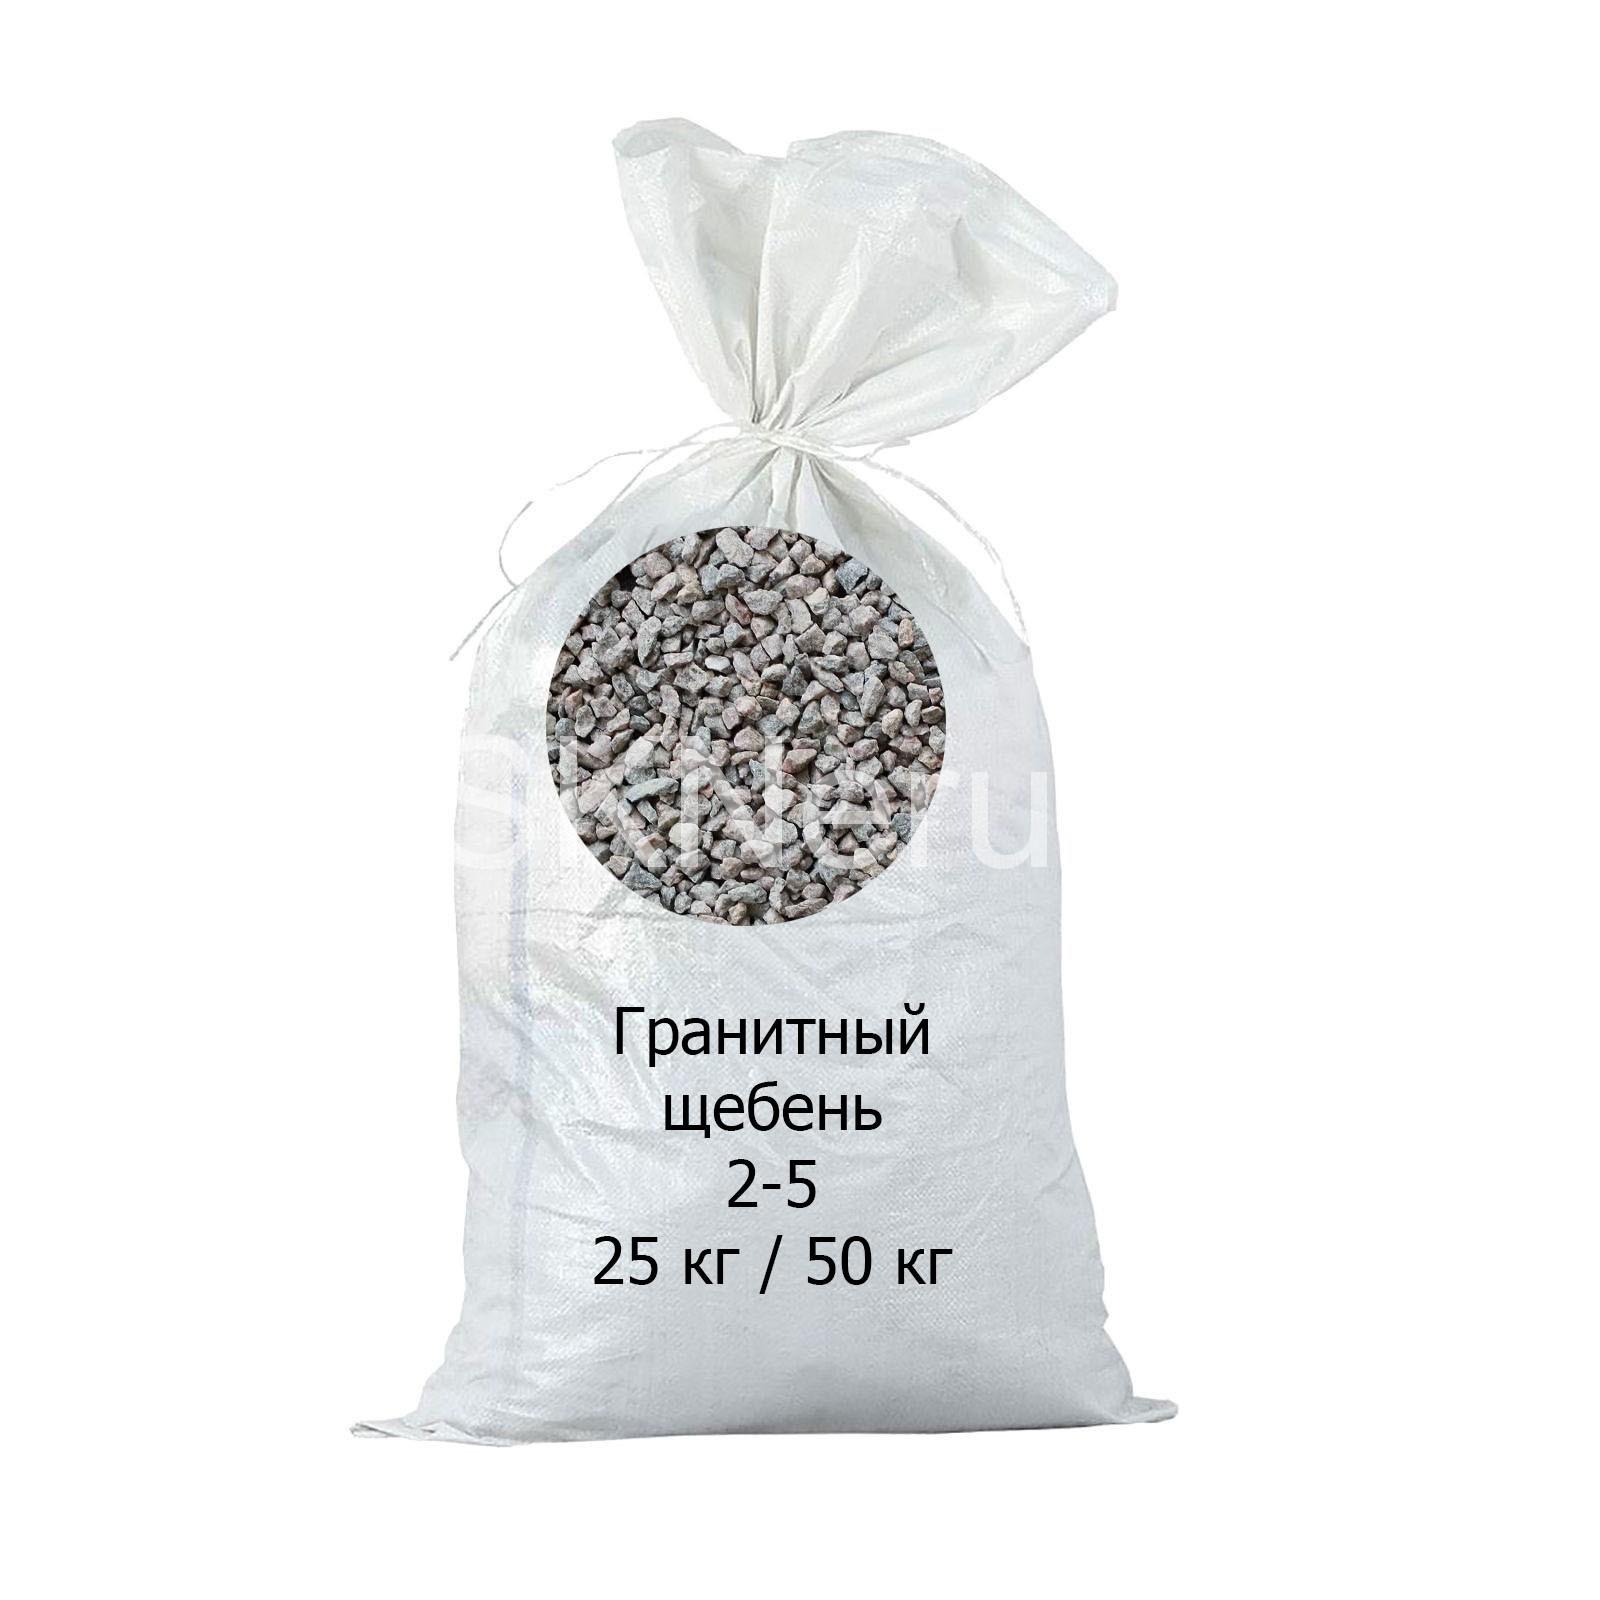 Щебень Габбро гранитный 2-5 в мешках 25 кг